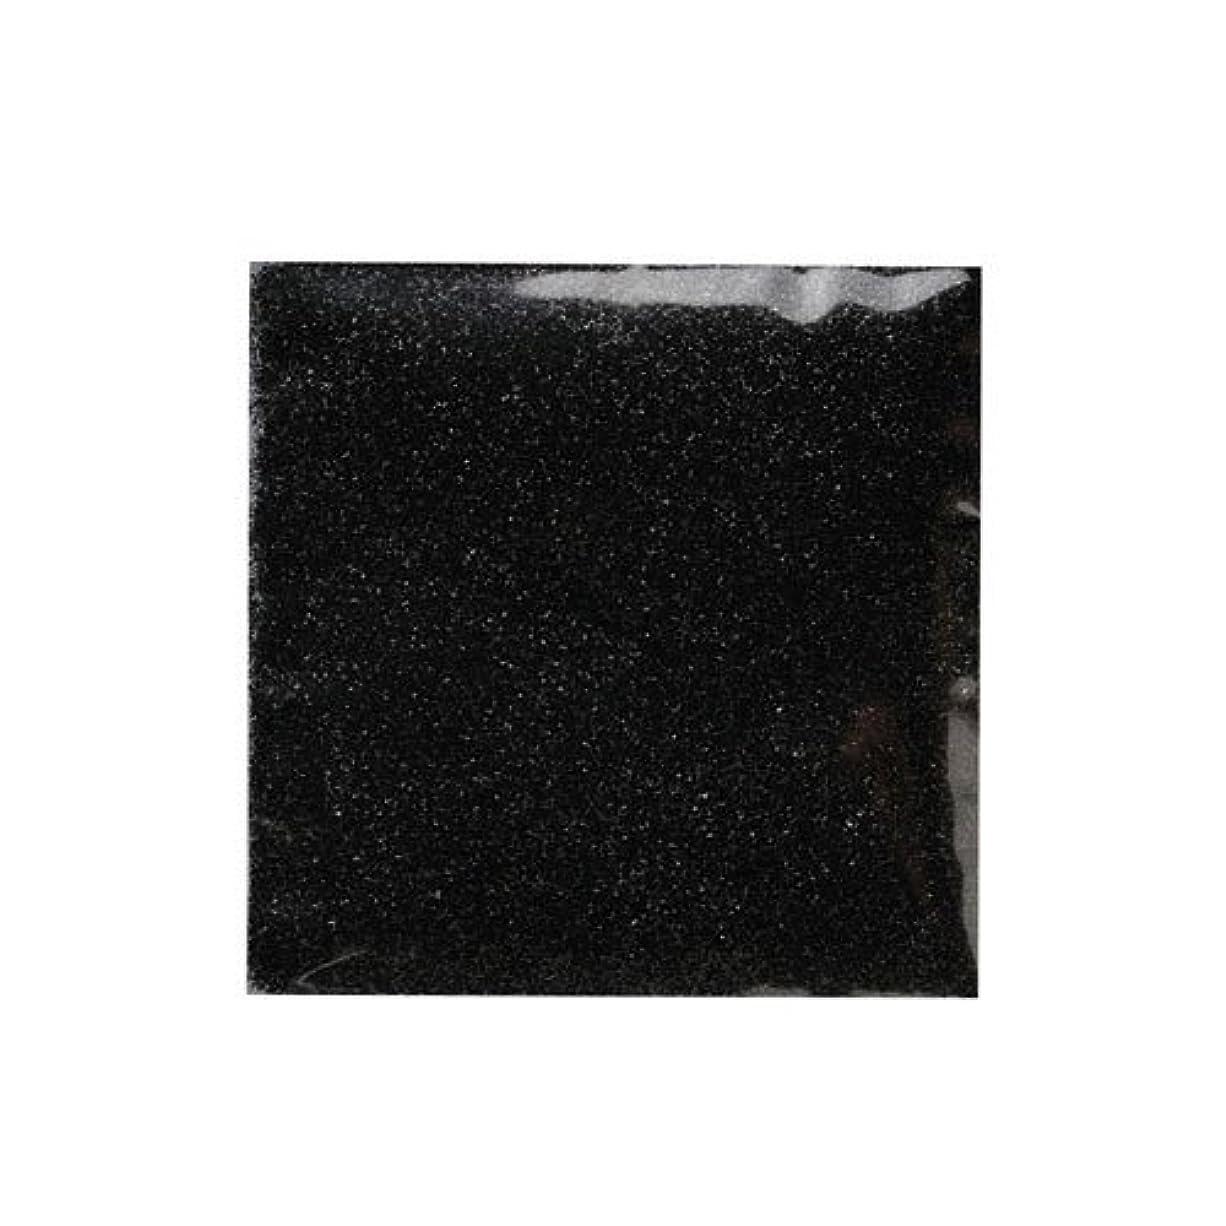 不規則性チーターピンポイントピカエース ネイル用パウダー ピカエース ラメメタリック #507 ブラック 2g アート材